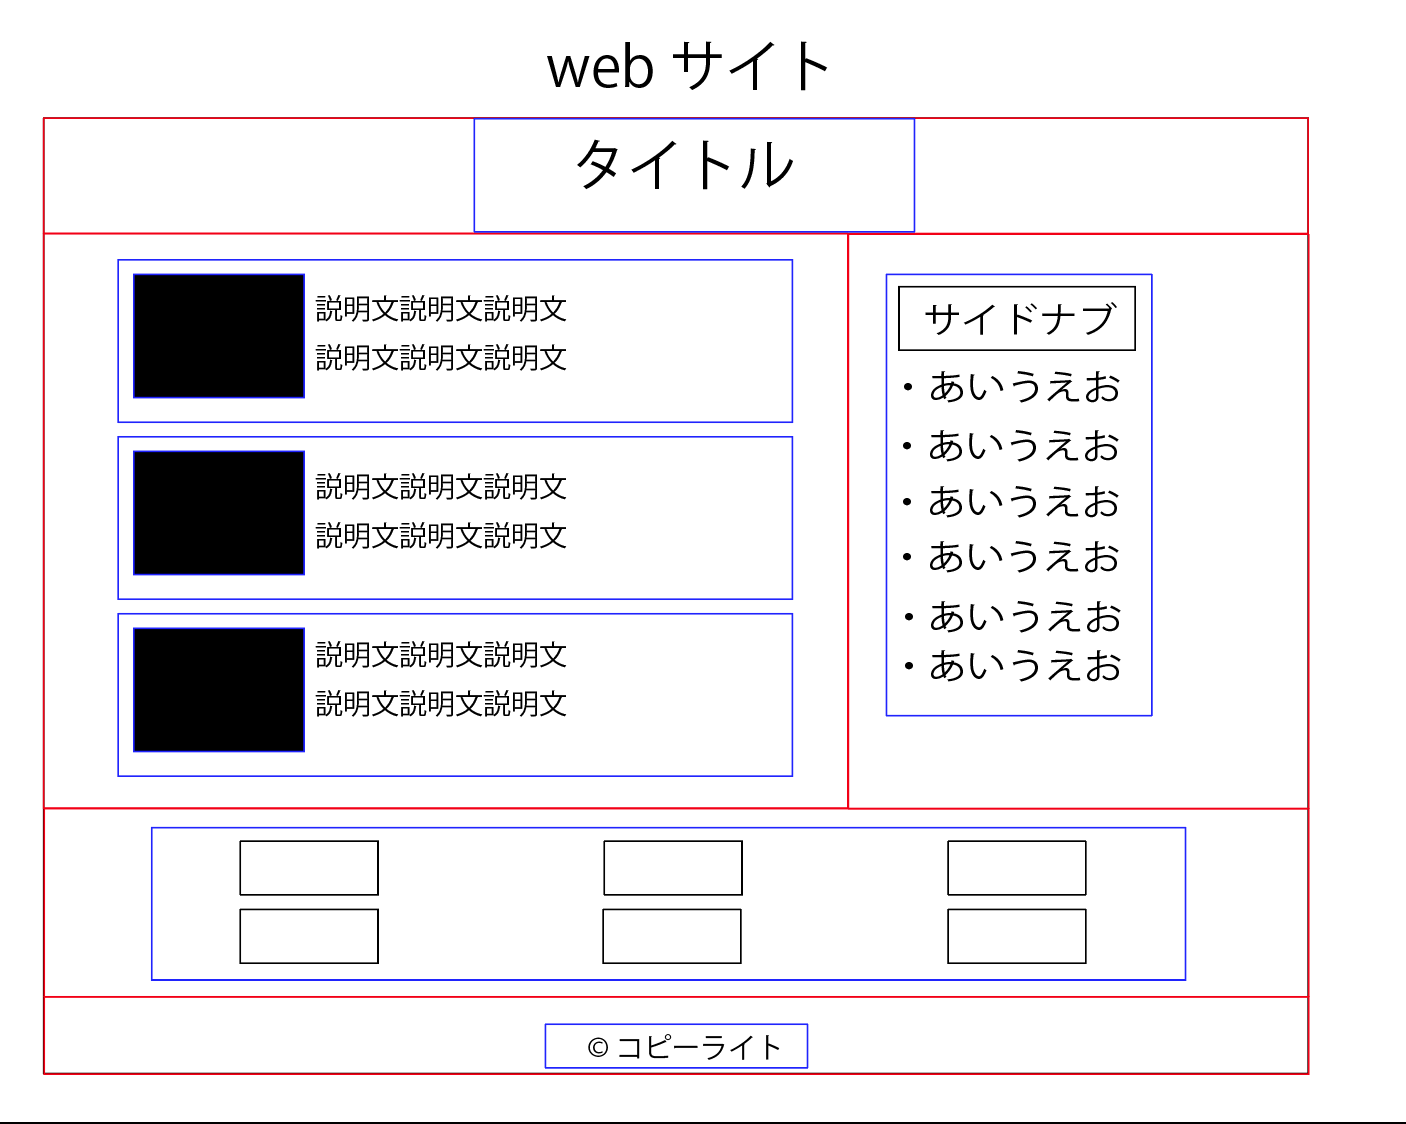 スクリーンショット 2020-03-23 12.27.01.png